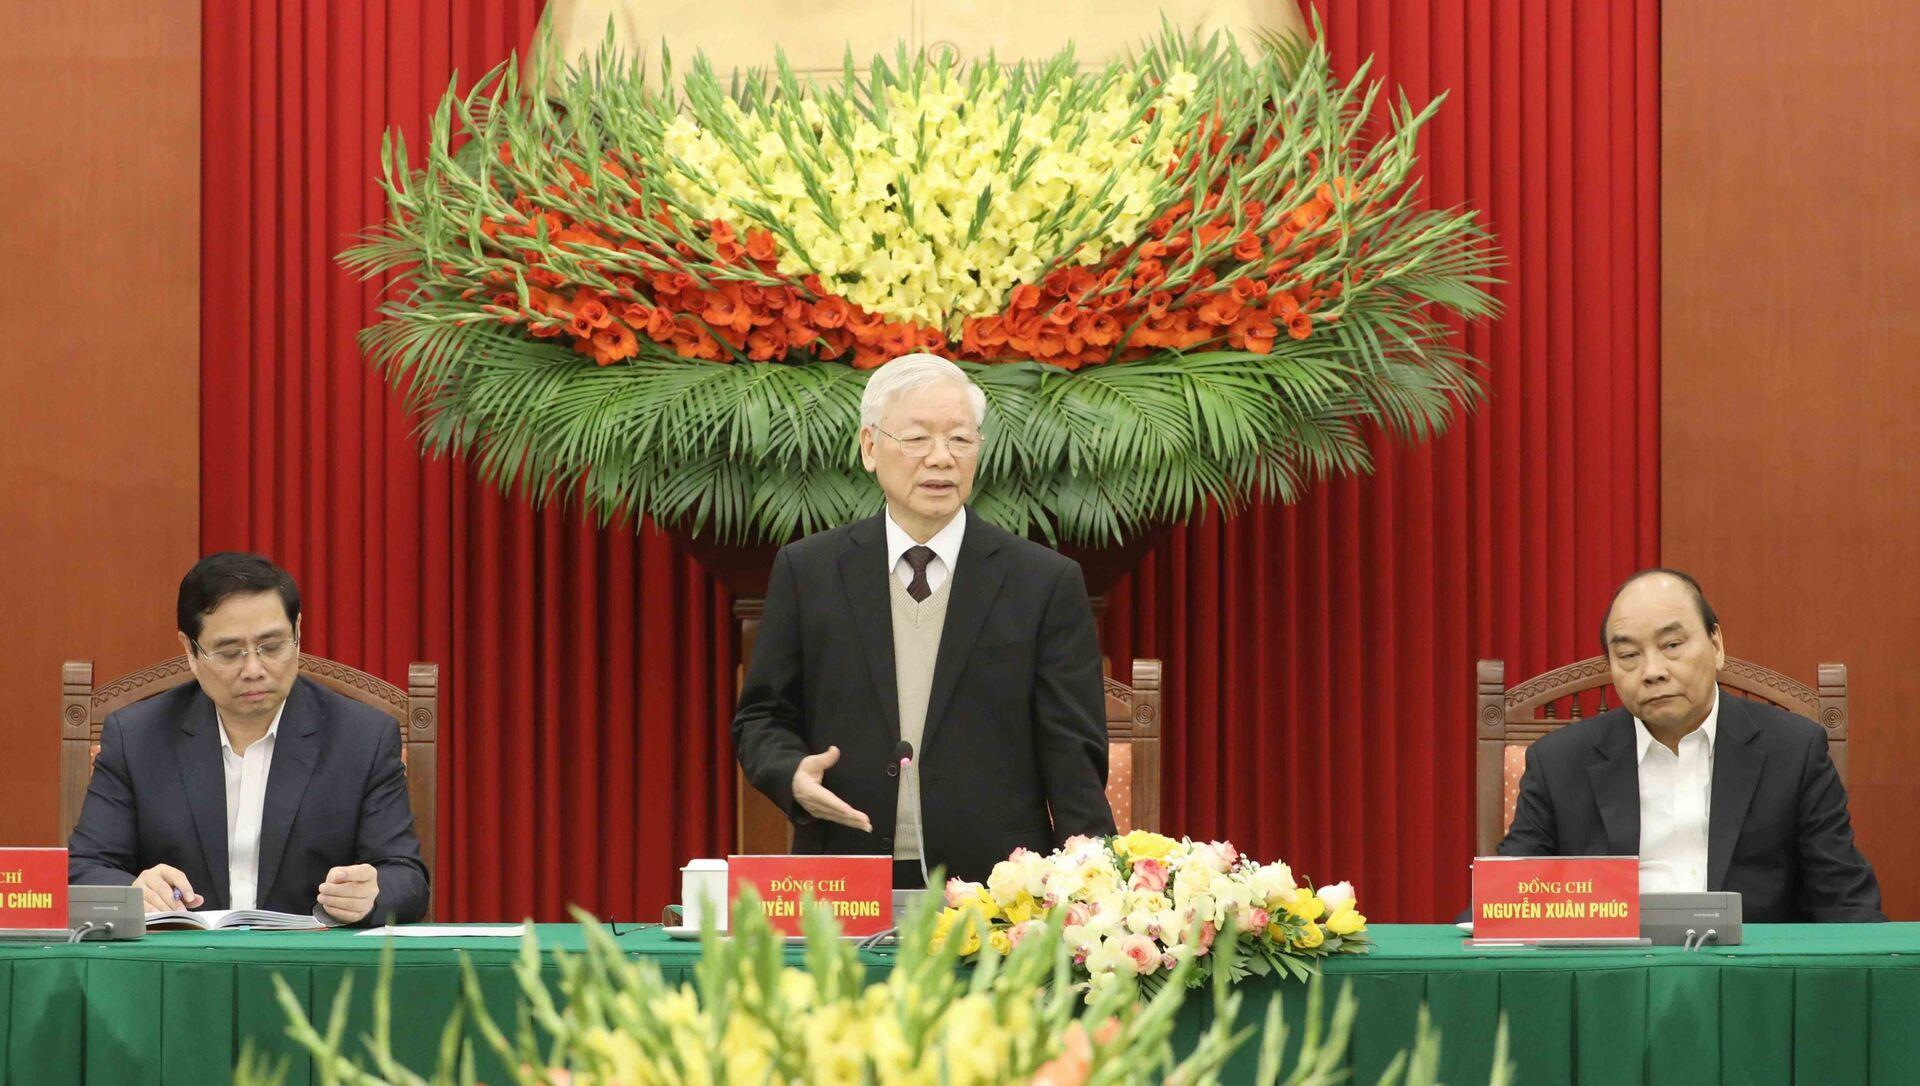 Tổng Bí thư, Chủ tịch nước Nguyễn Phú Trọng phát biểu tại buổi gặp mặt. - Sputnik Việt Nam, 1920, 03.03.2021